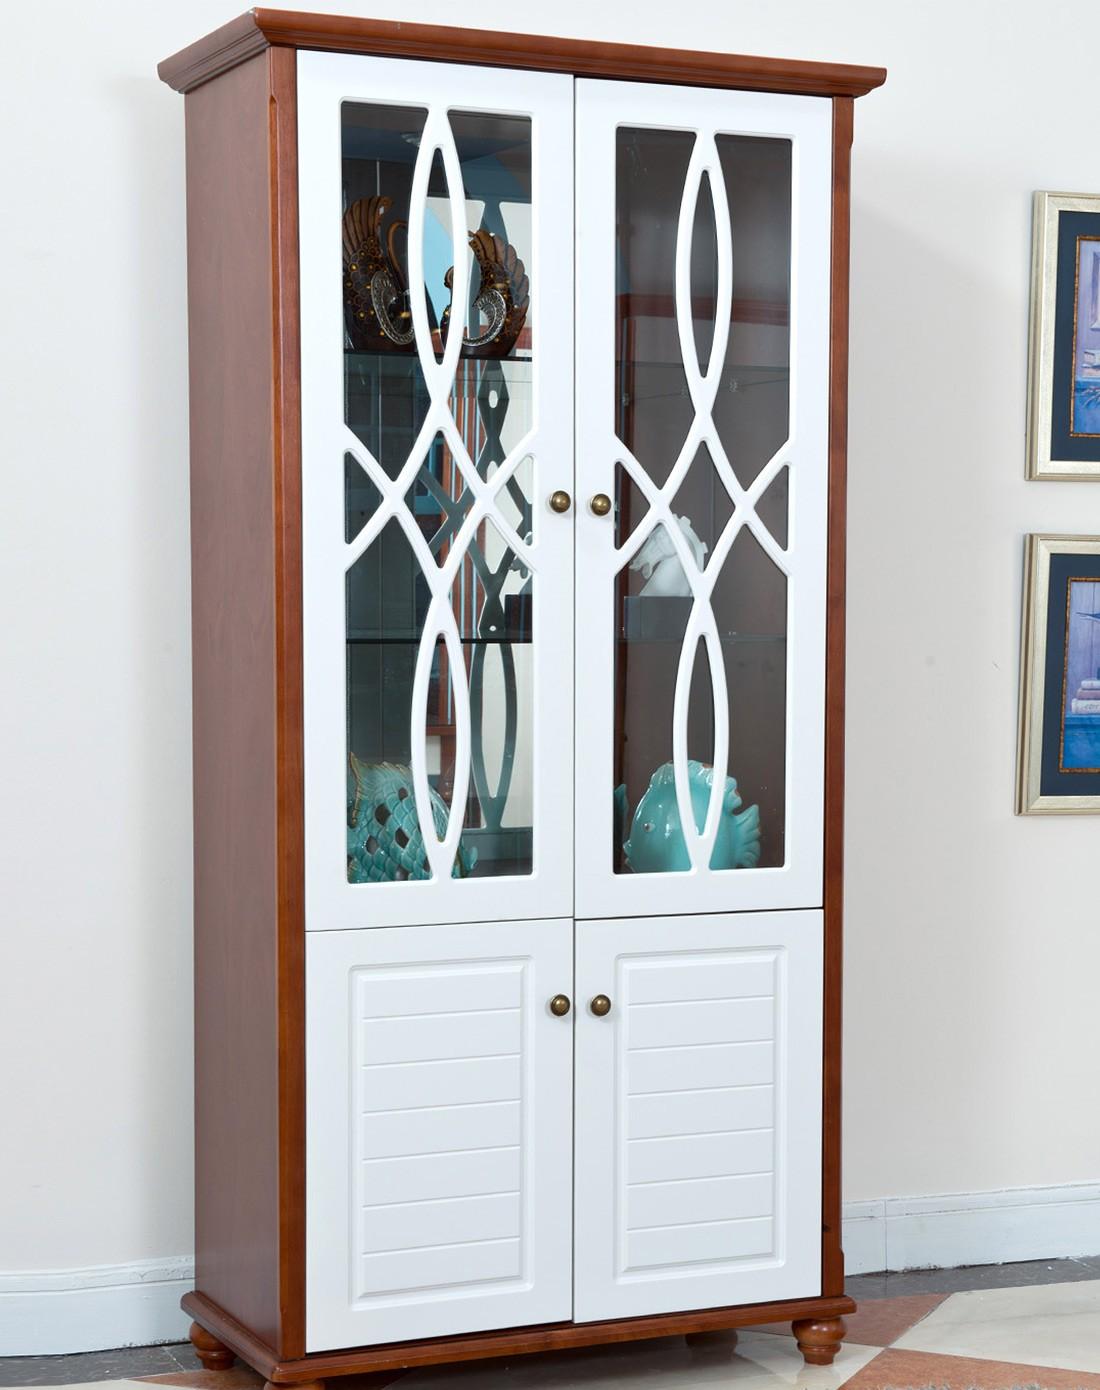 几度jidu家具专场时尚简约客厅双门实木酒柜白色面板